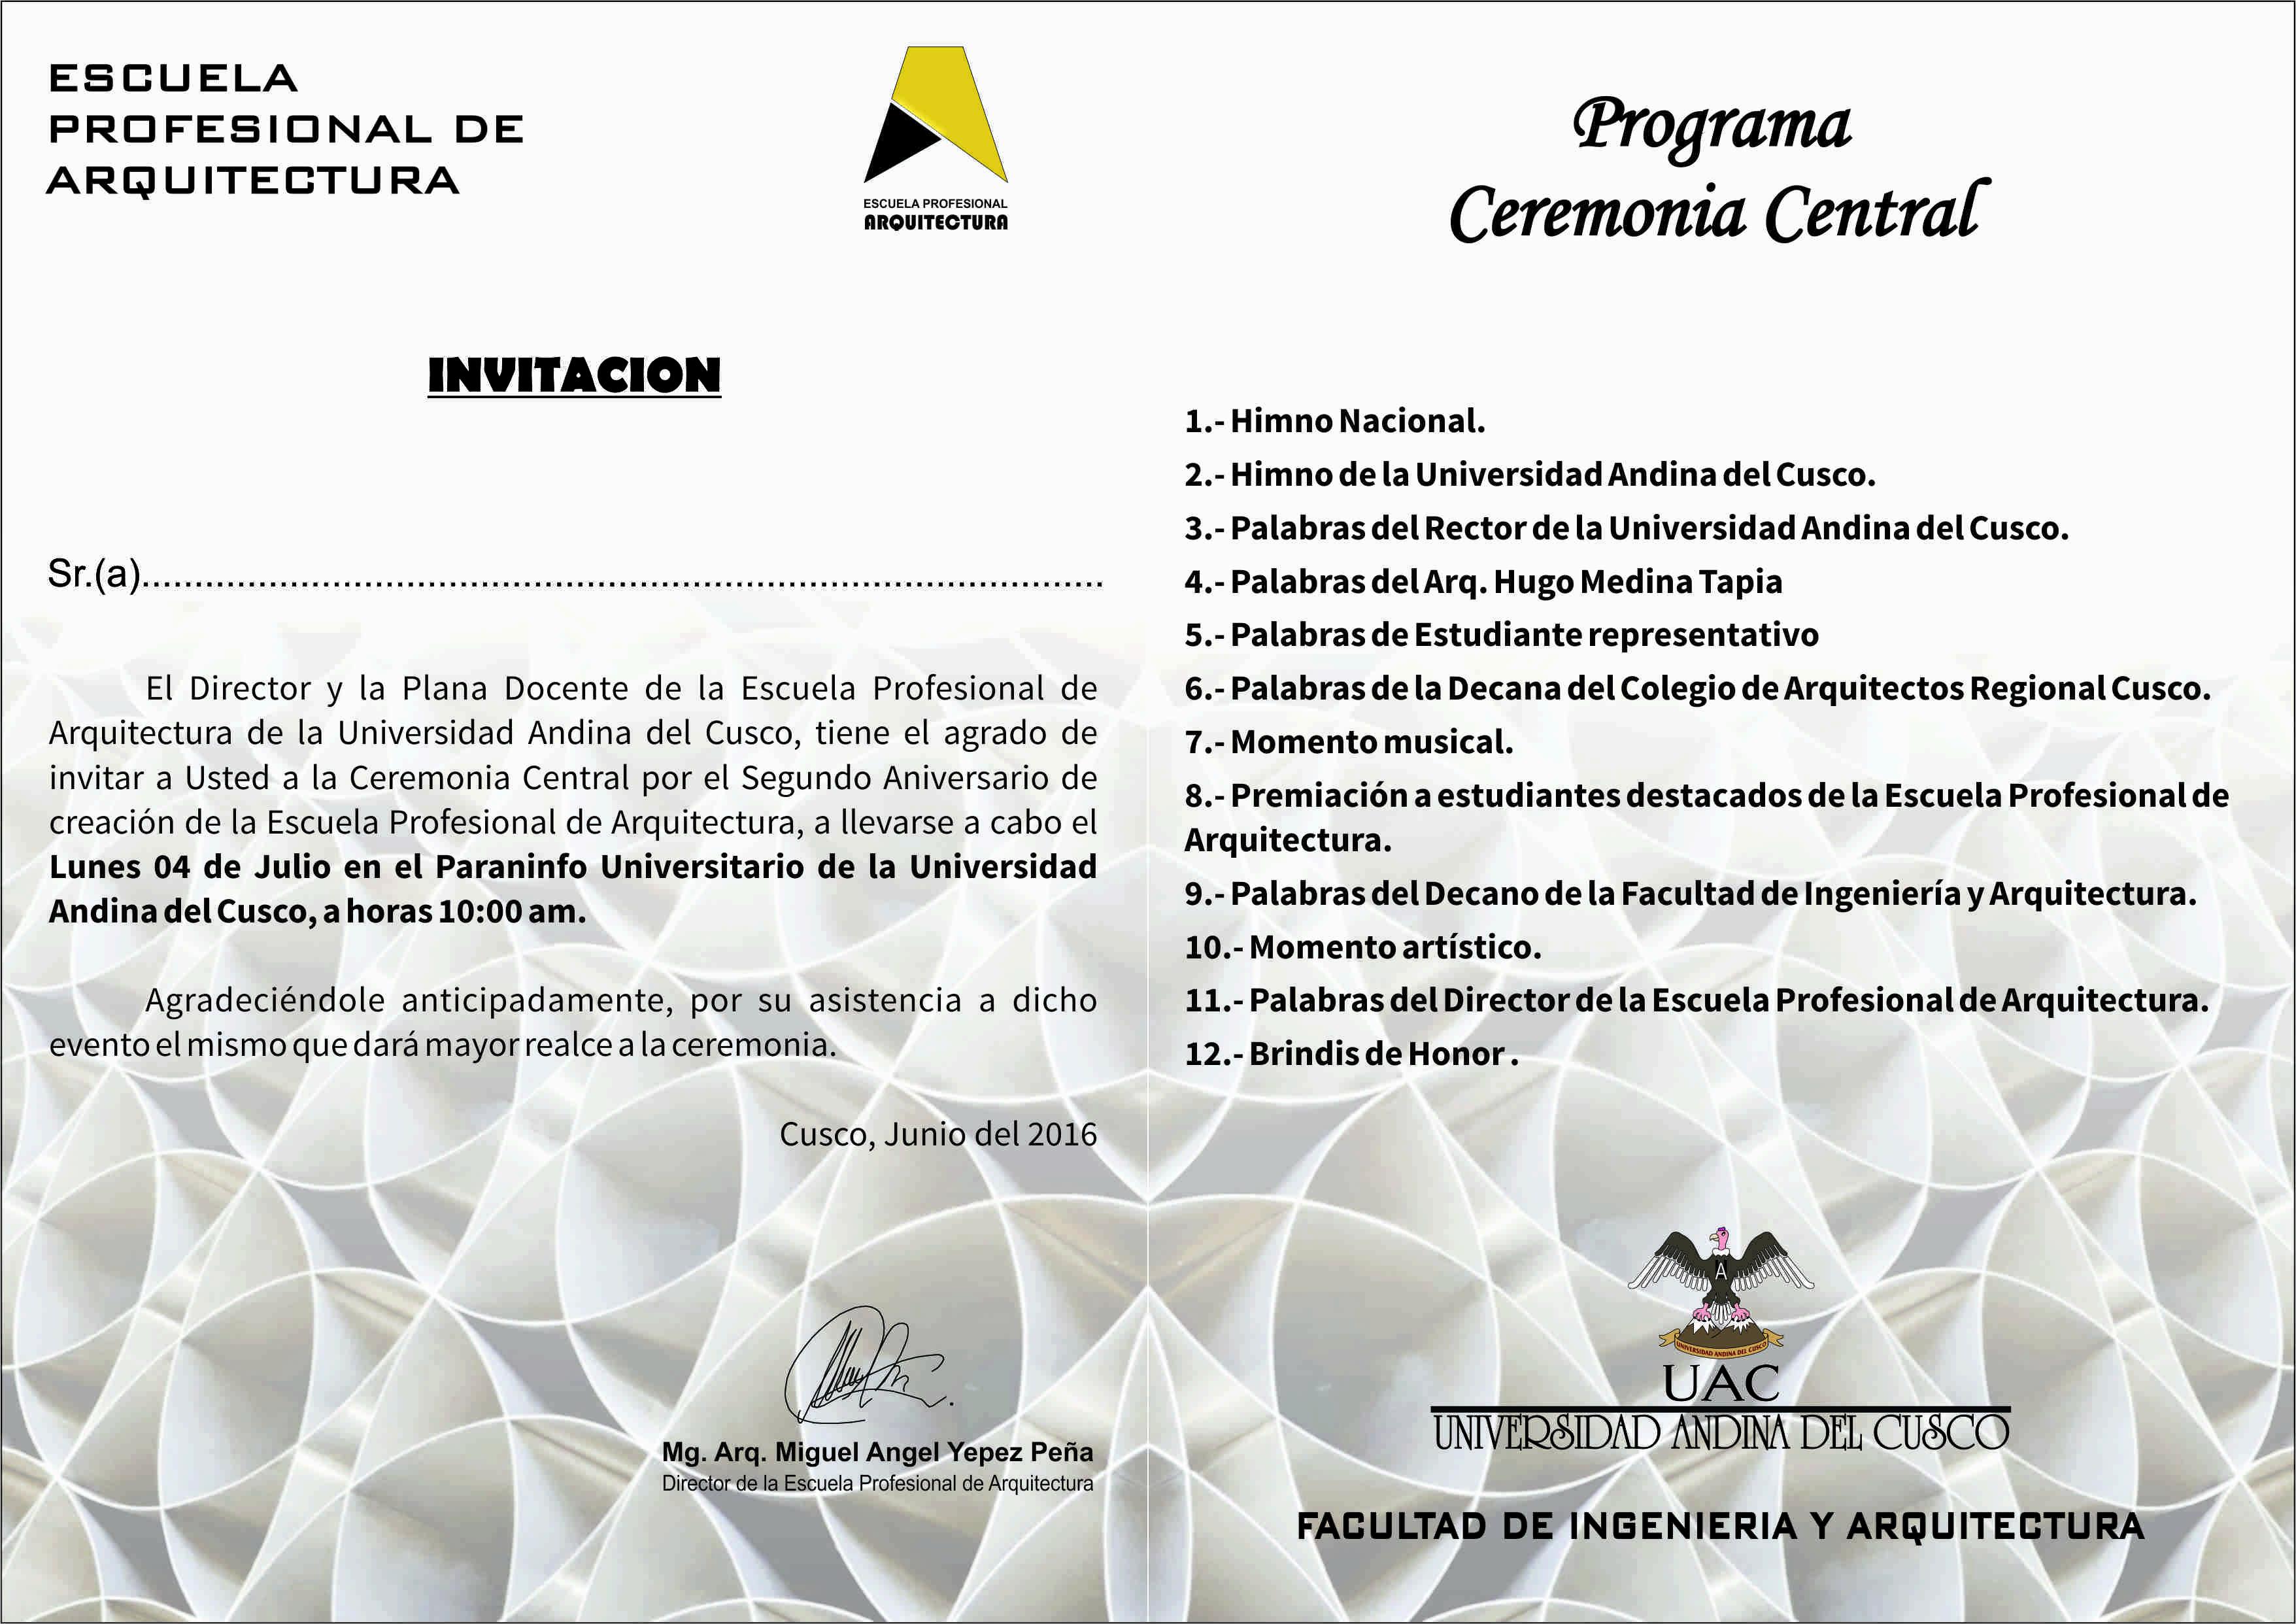 Servicios colegio de arquitectos cusco for Arquitectura carrera profesional